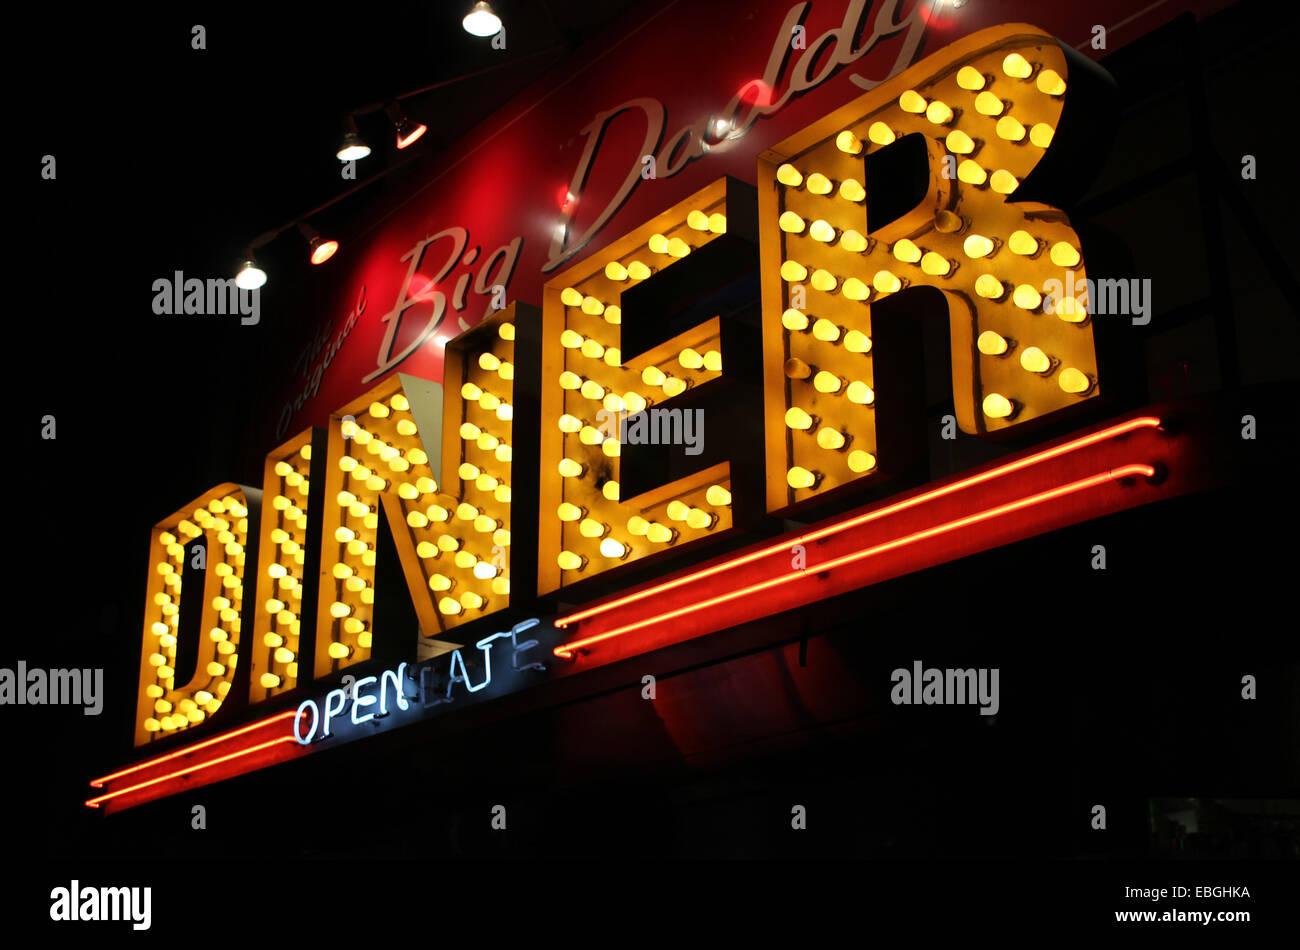 Un segno di jazz tradizionale di un american diner in Manhattan, New York. Immagini Stock